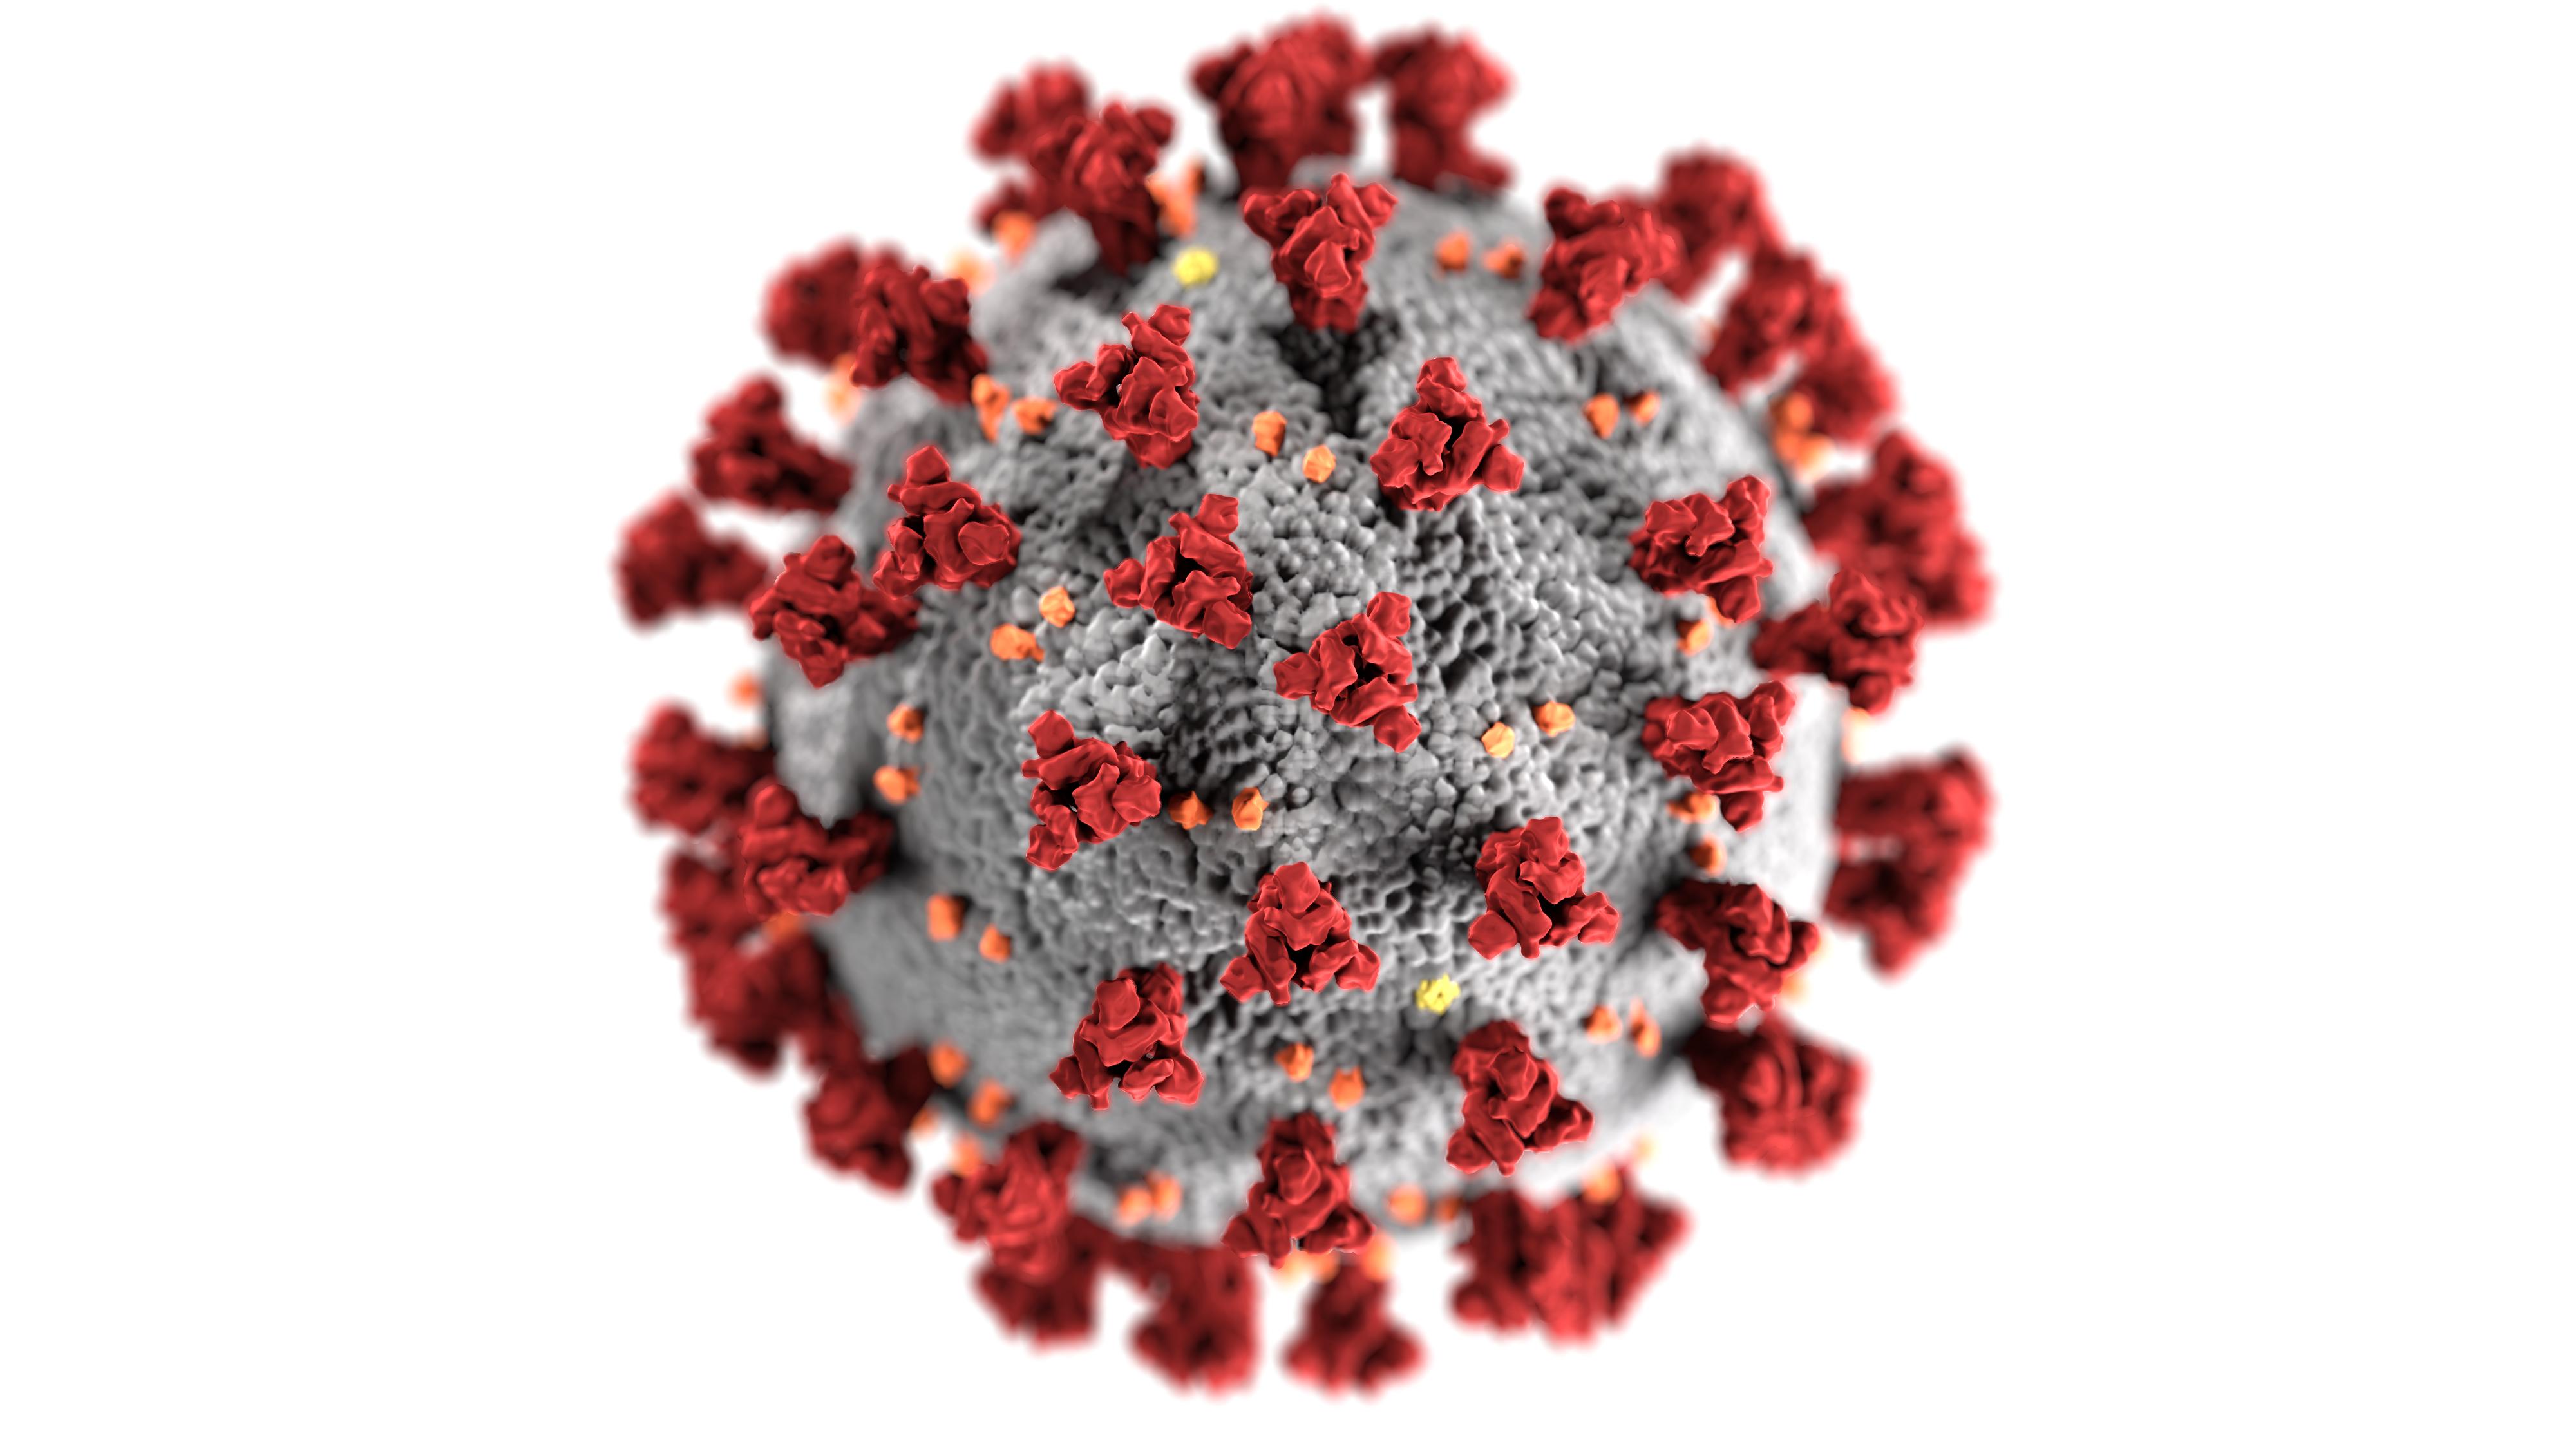 COVID-19 Archives - The Antibody Society